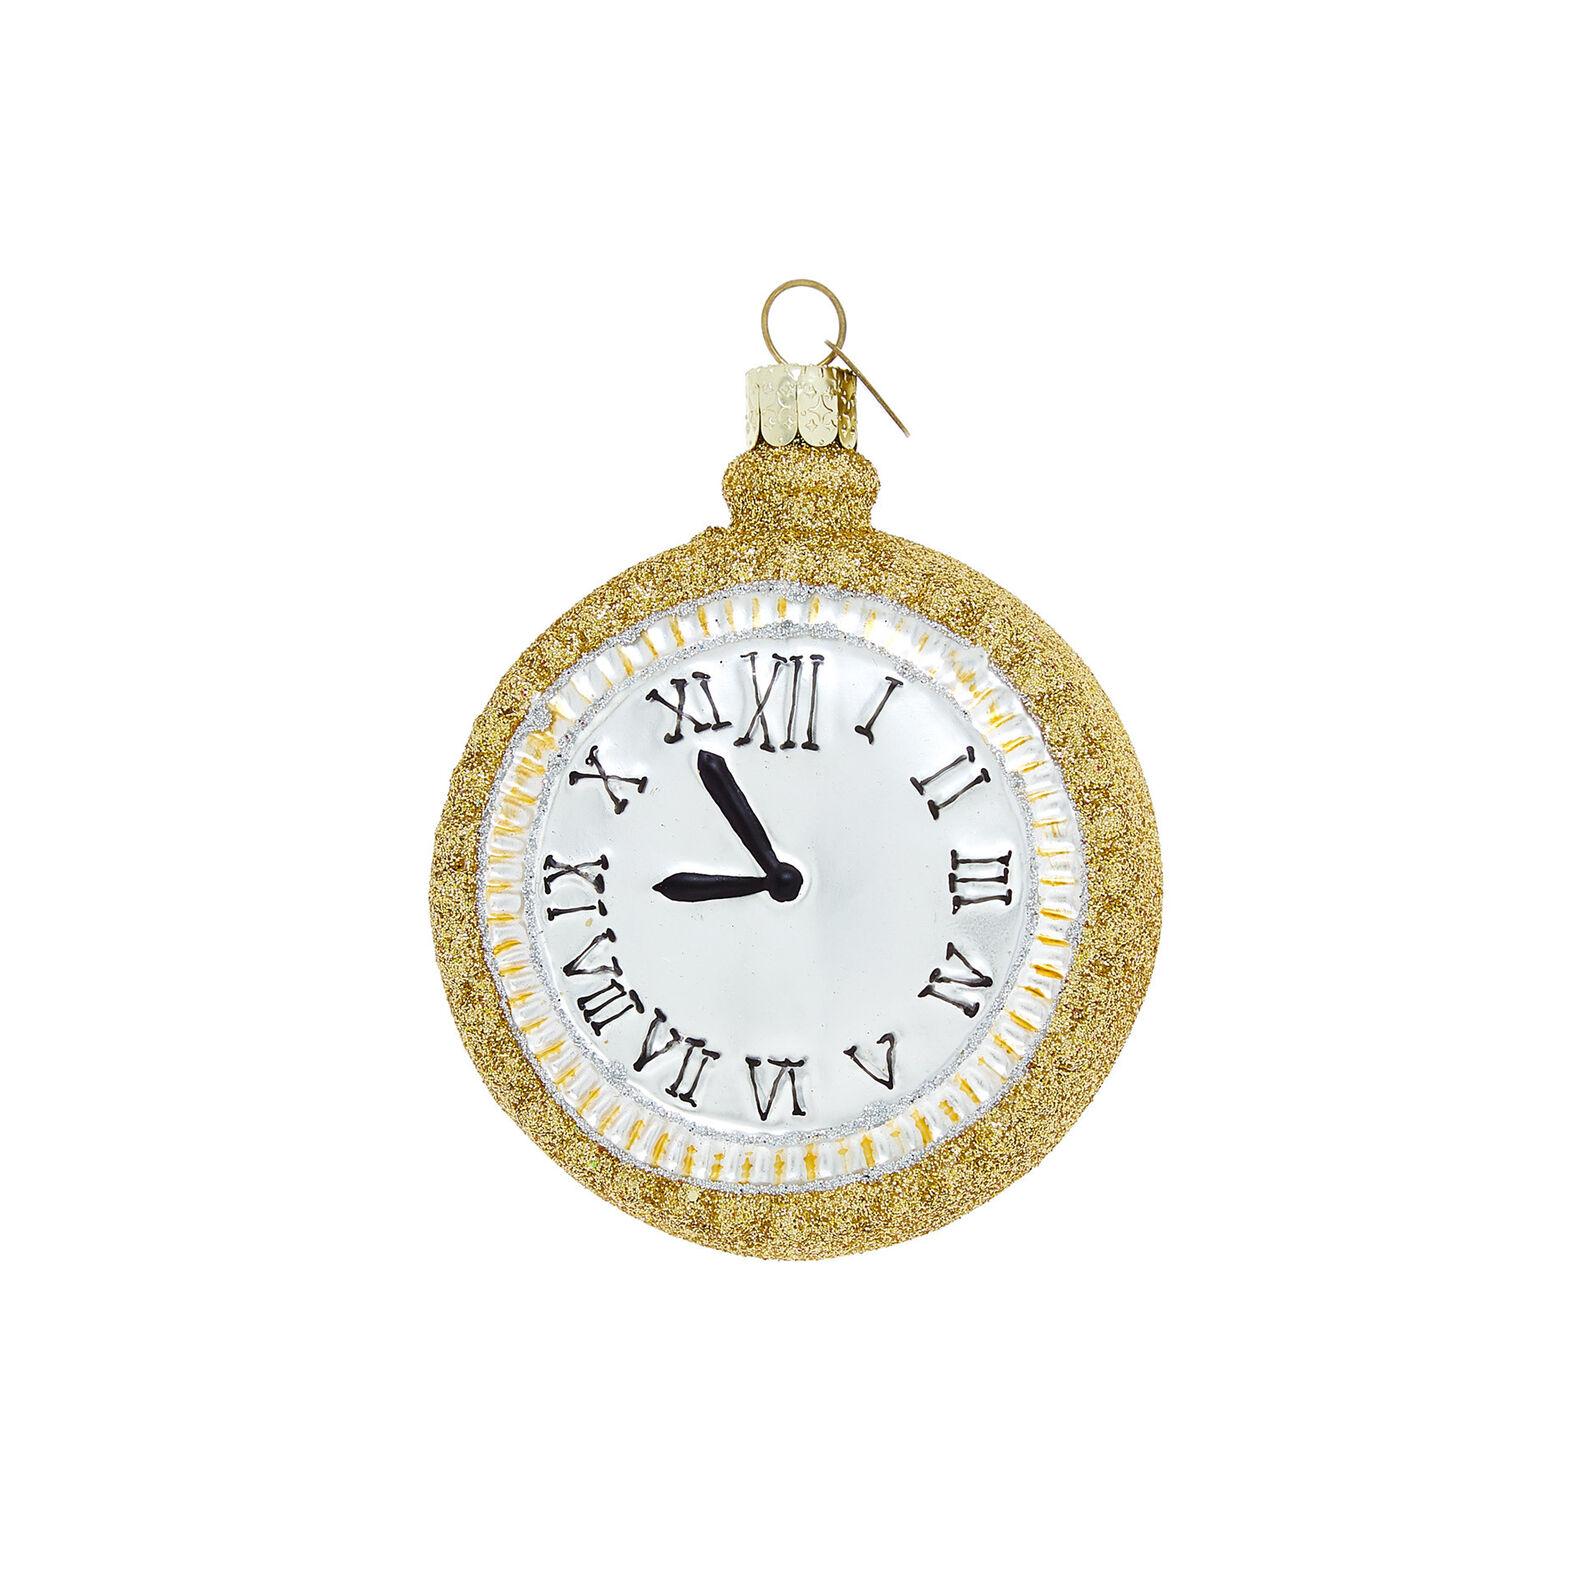 Addobbo ad orologio decorato a mano